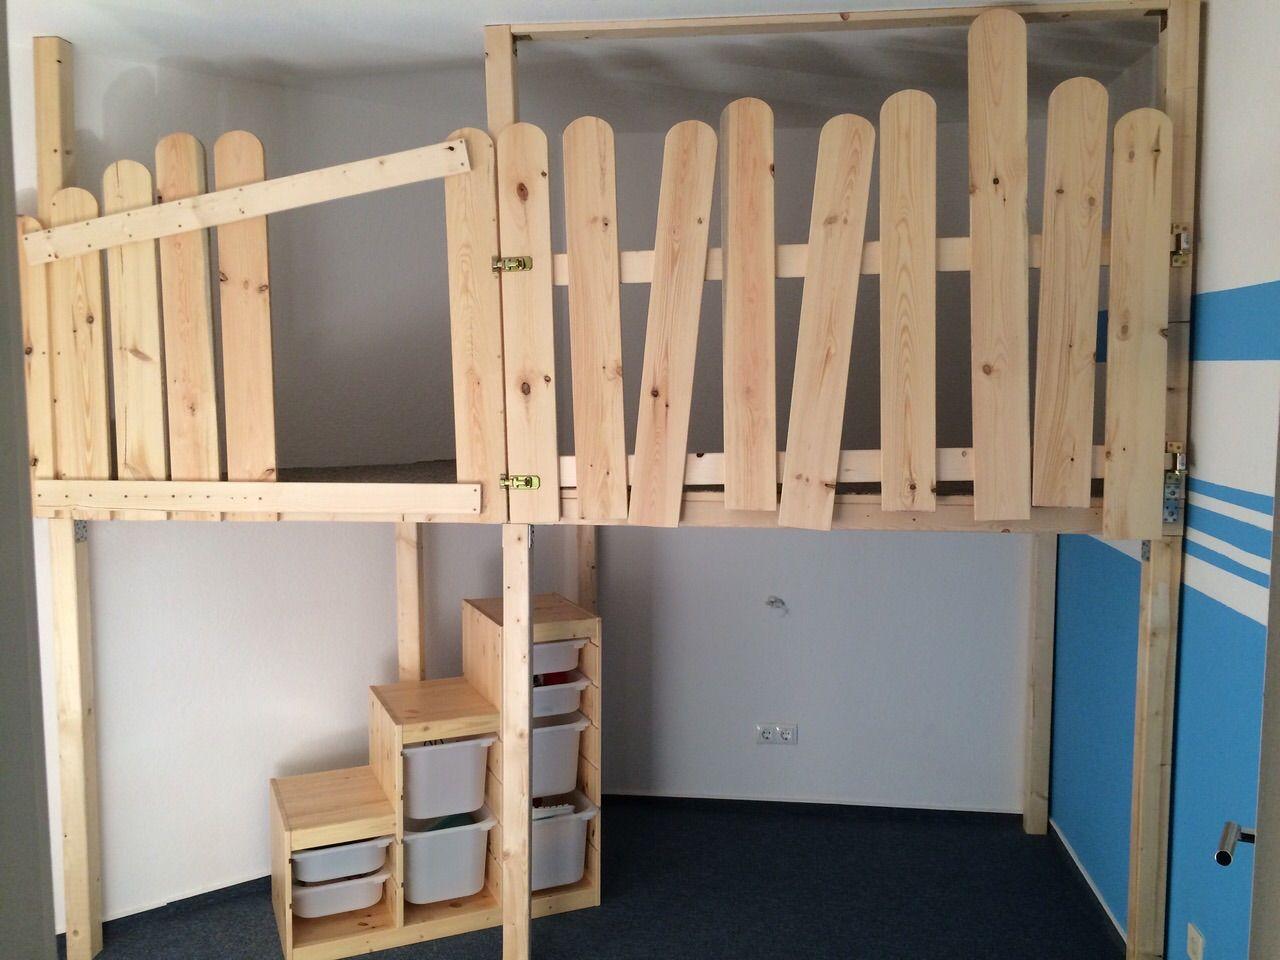 hochbett bzw spielebene in einem winzigen kinderzimmer mit schr ger wand interior for kids. Black Bedroom Furniture Sets. Home Design Ideas